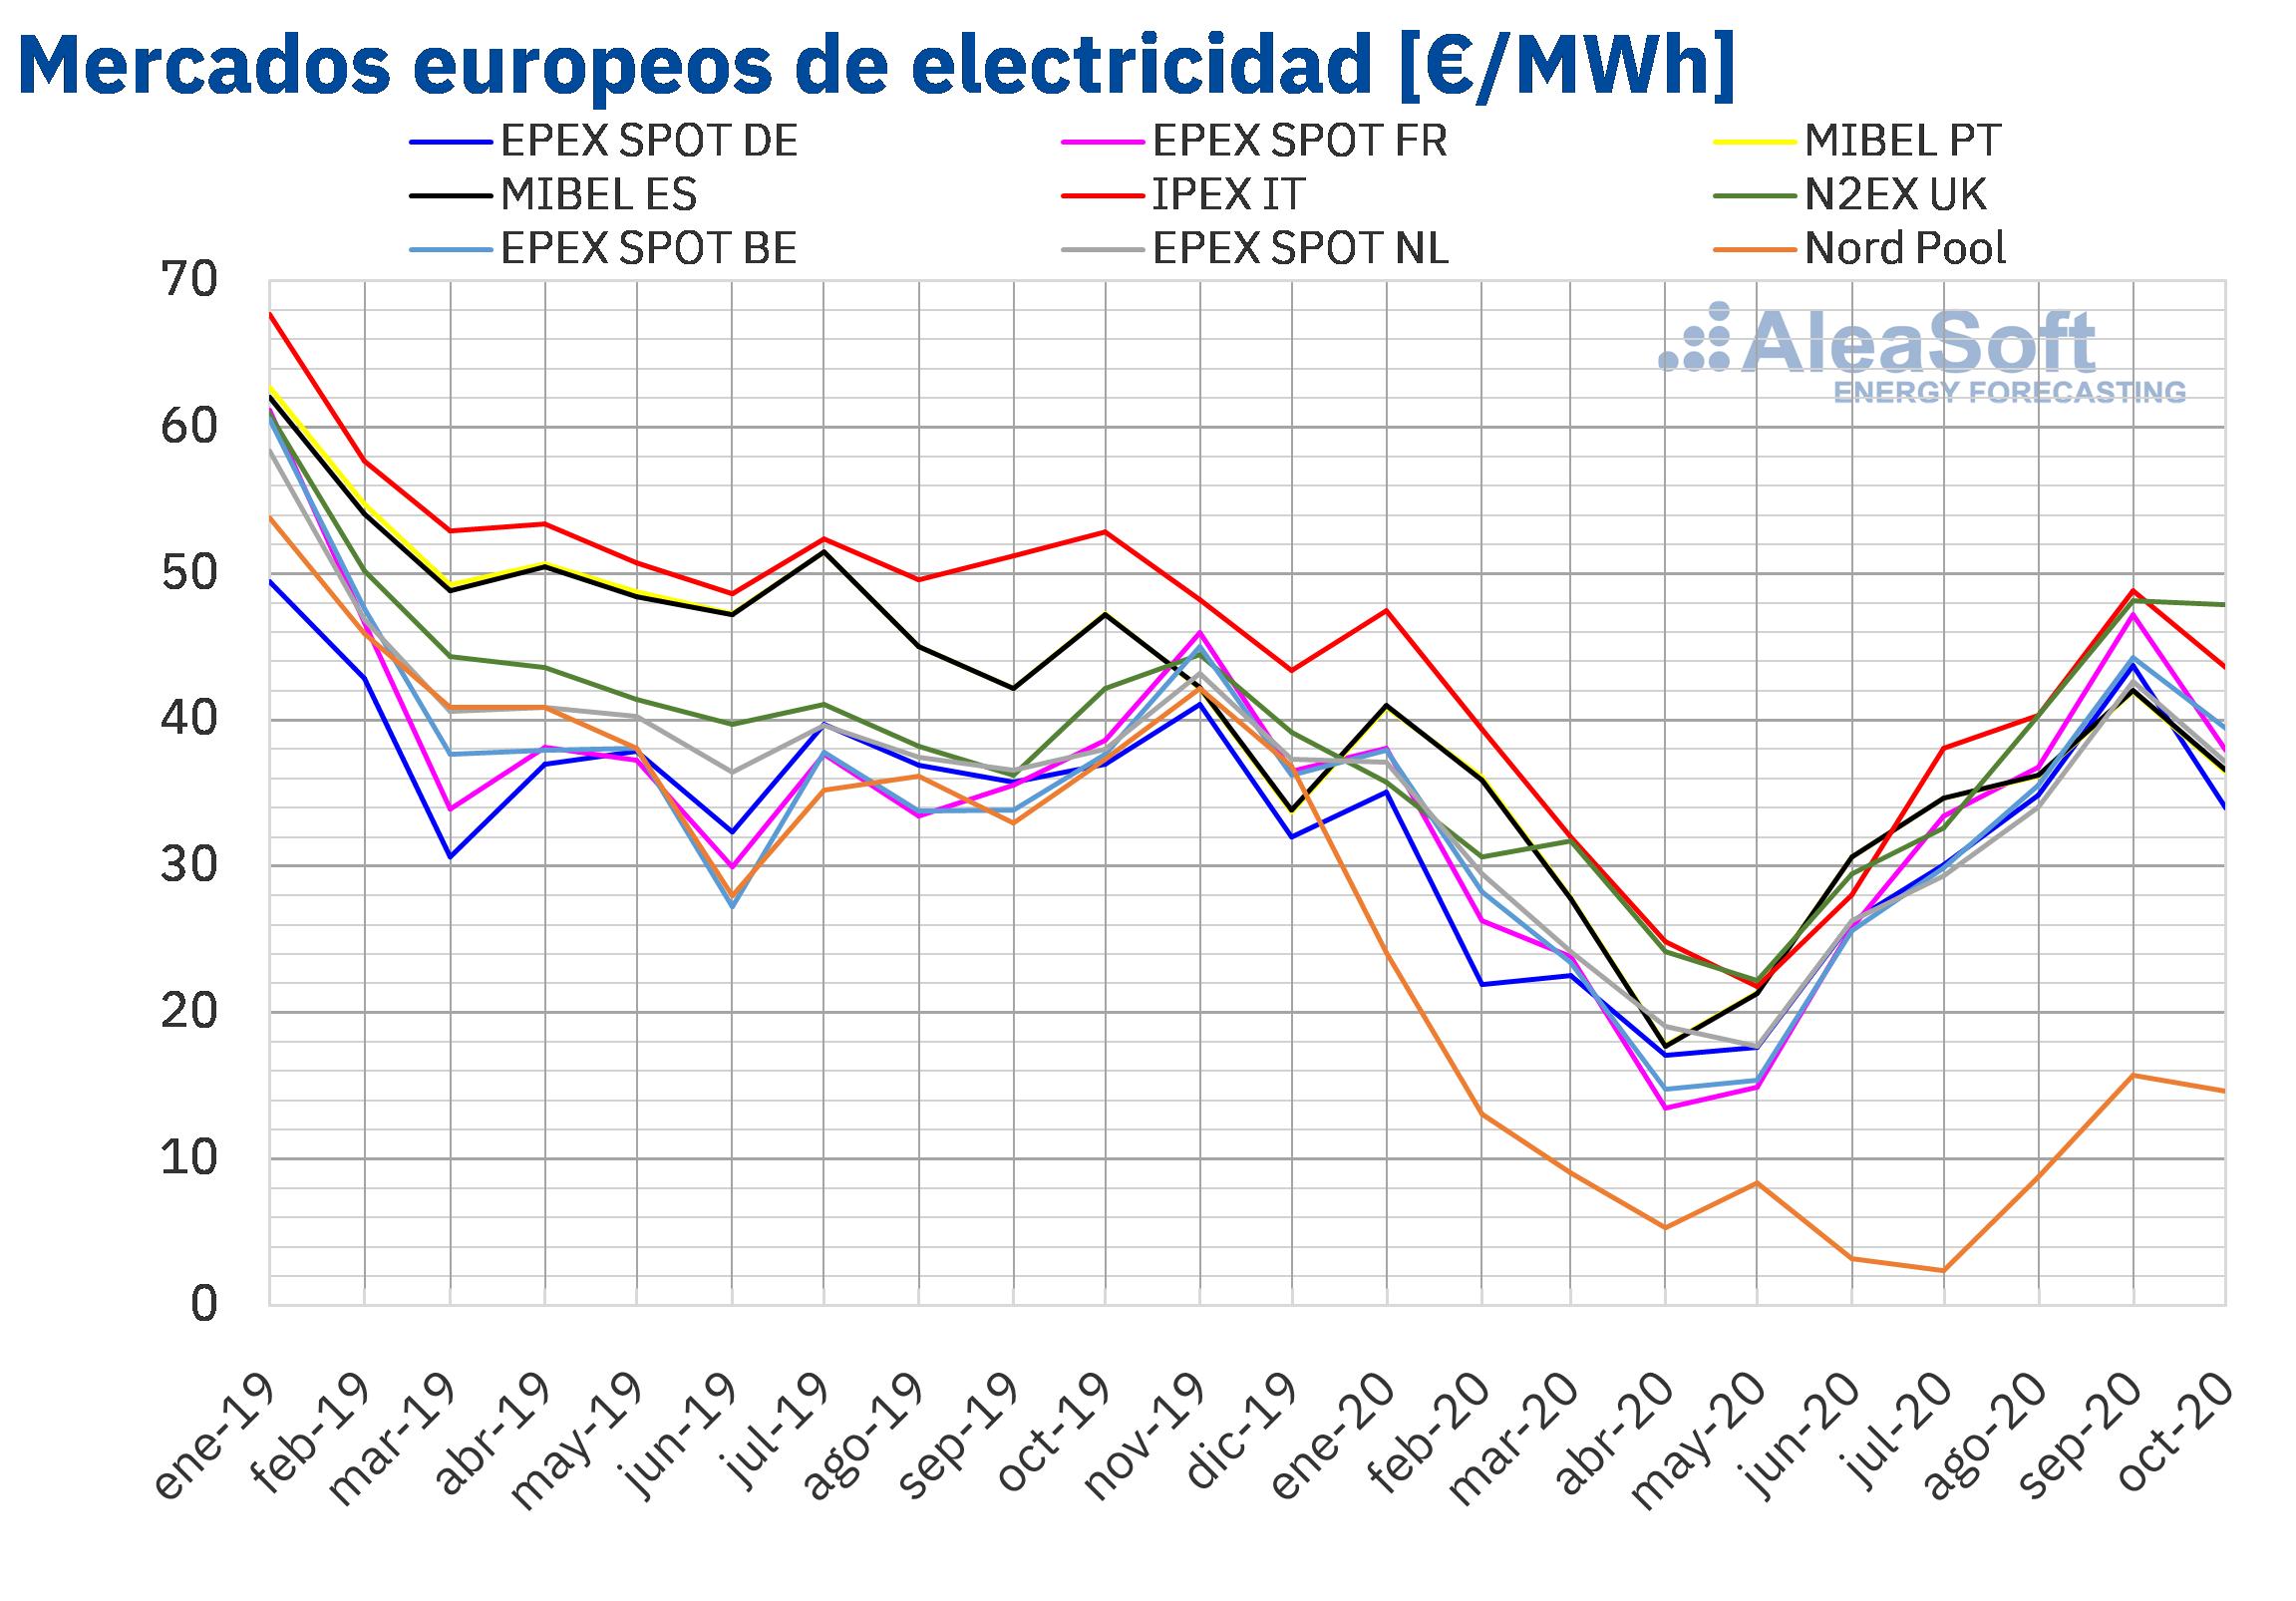 AleaSoft: La eólica frena la recuperación de los precios de los mercados eléctricos europeos en octubre